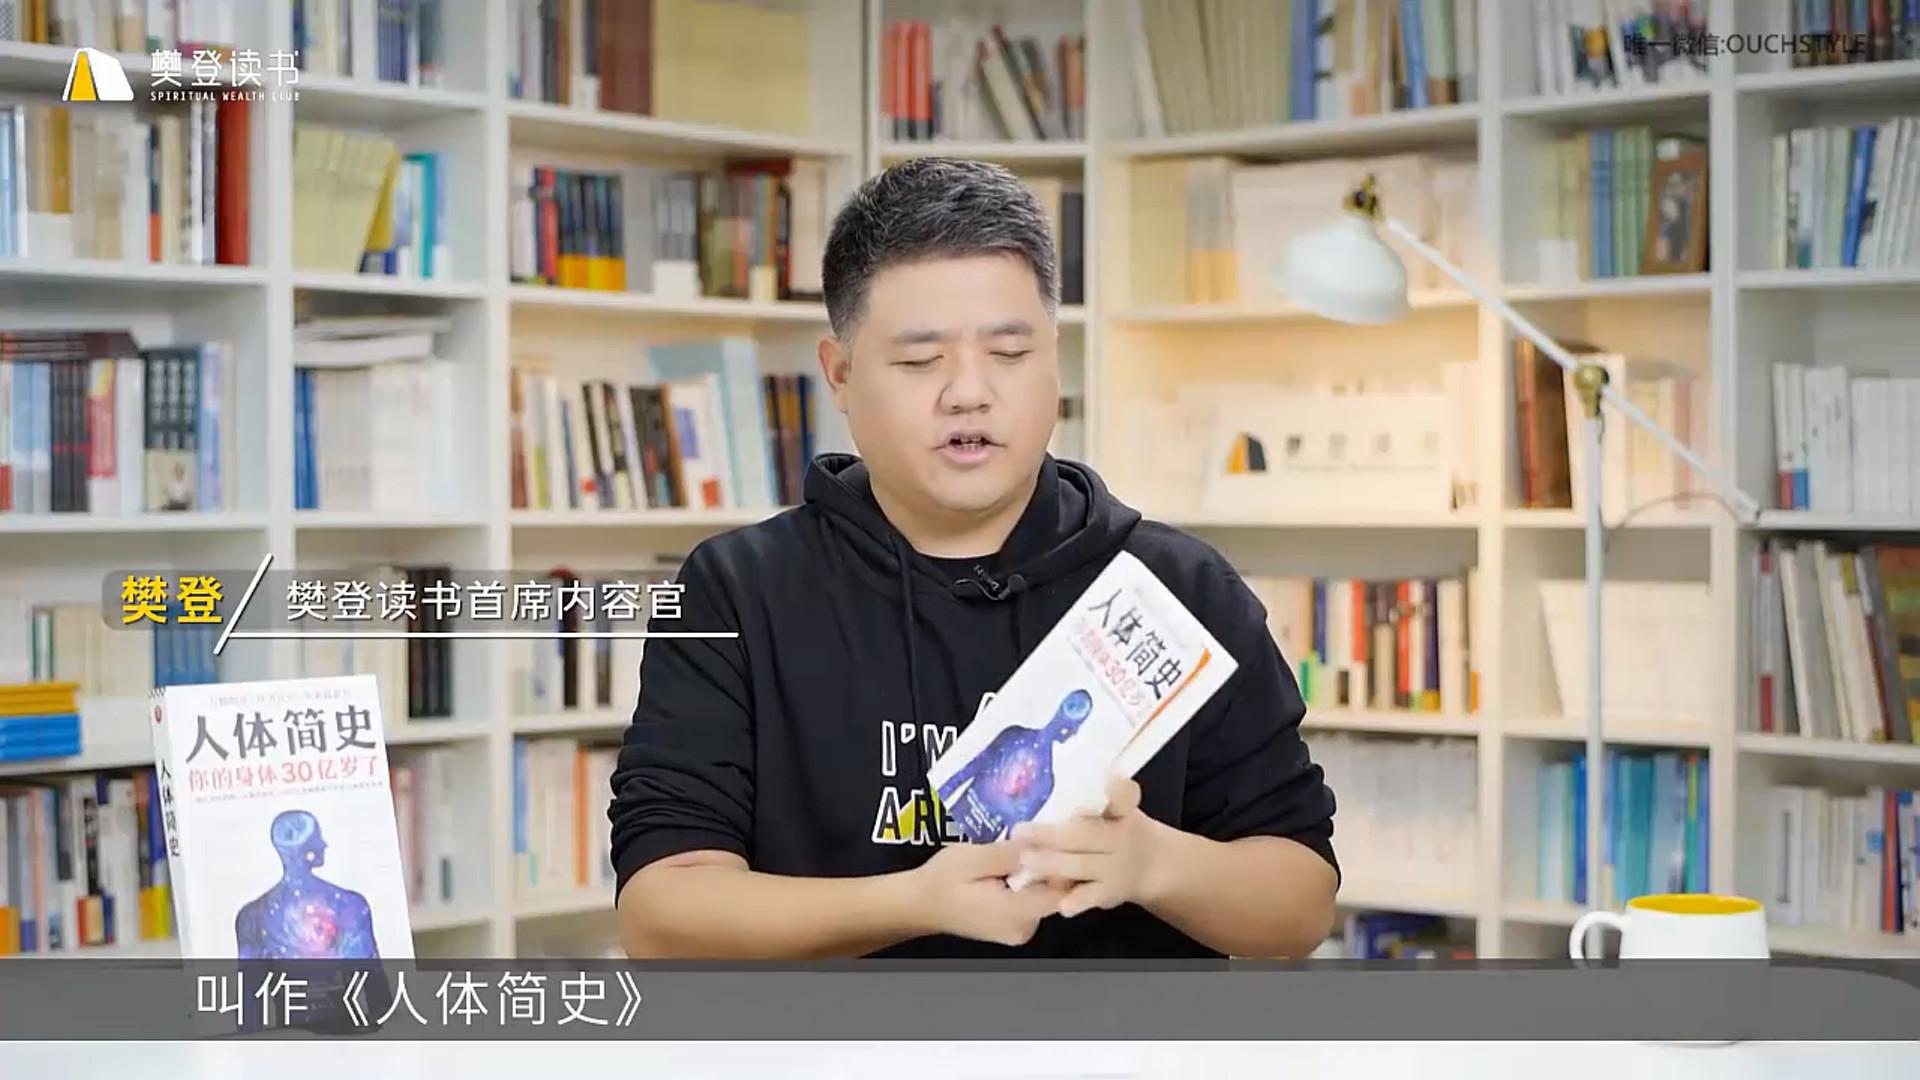 樊登读书-人体简史